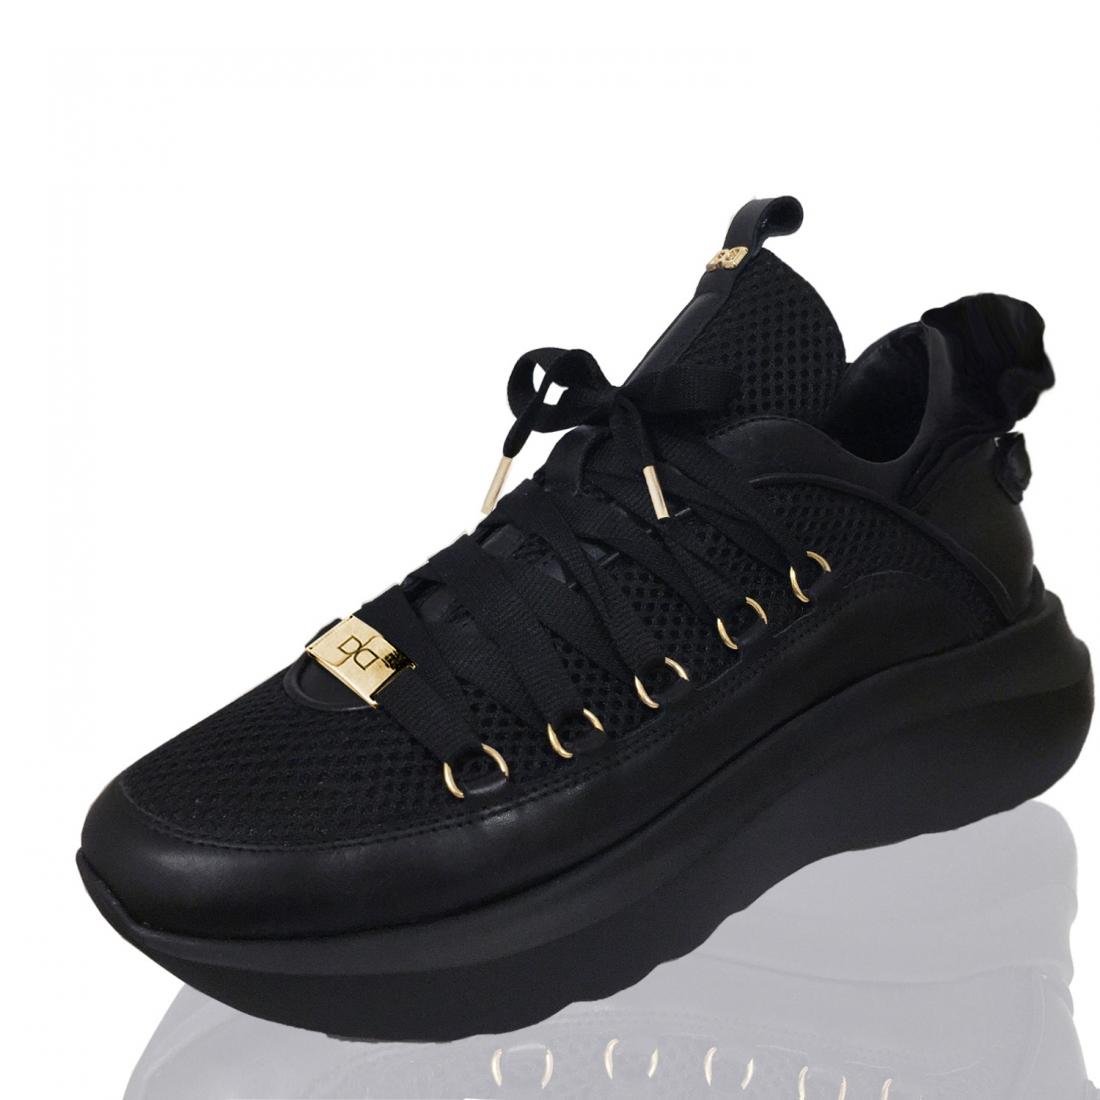 sneakers-2-black-2